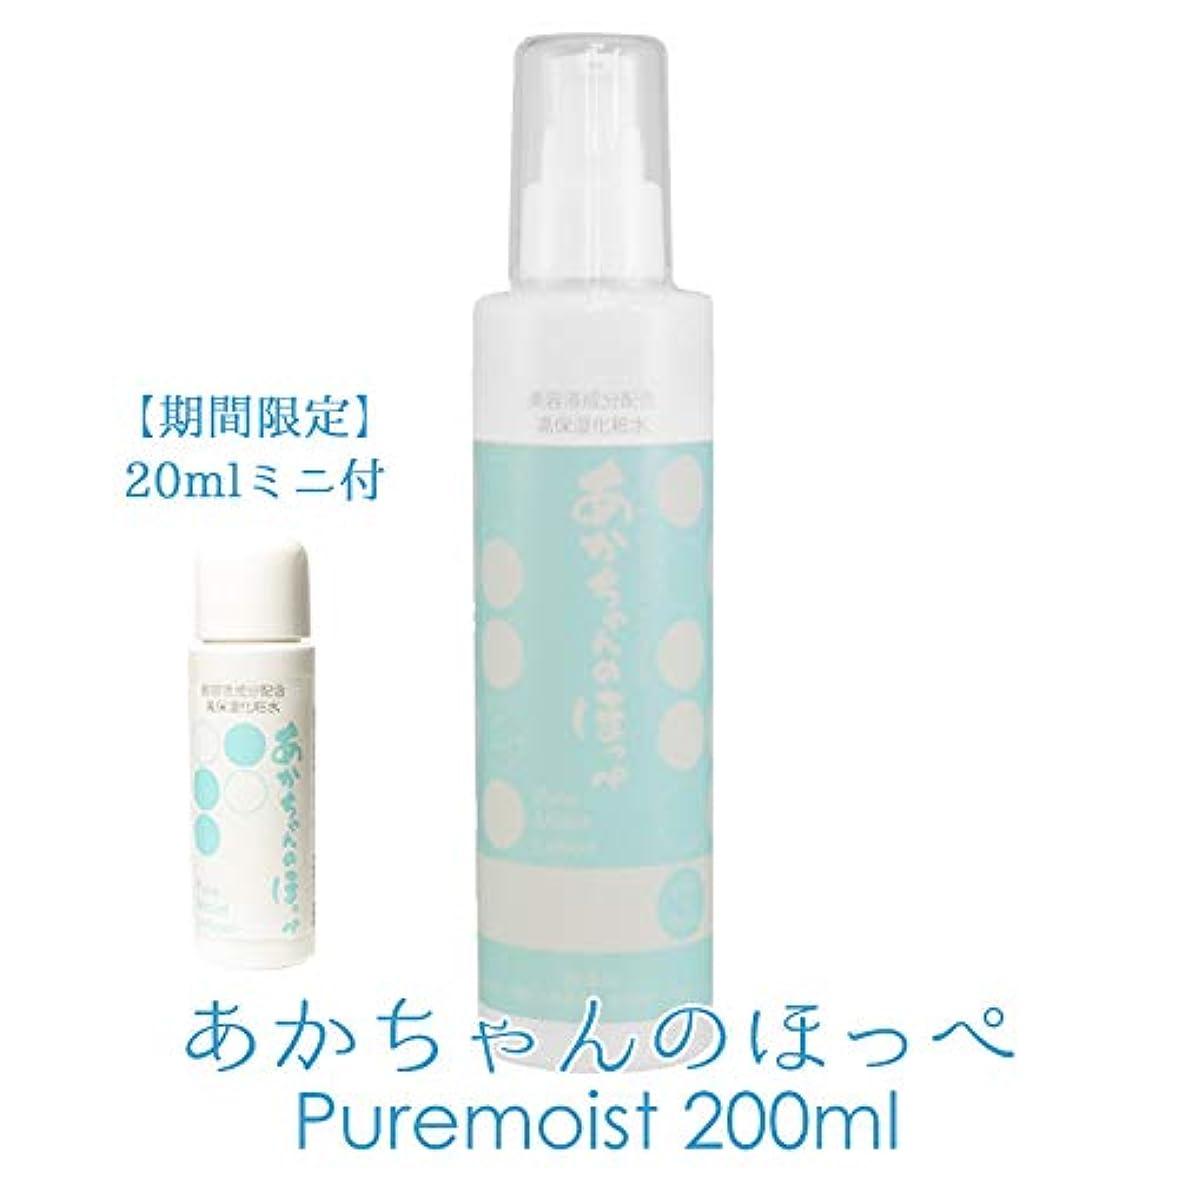 不適戦い樹皮美容液からつくった高保湿栄養化粧水 「あかちゃんのほっぺ」 PureMoist 200ml 明日のお肌が好きになる化粧水